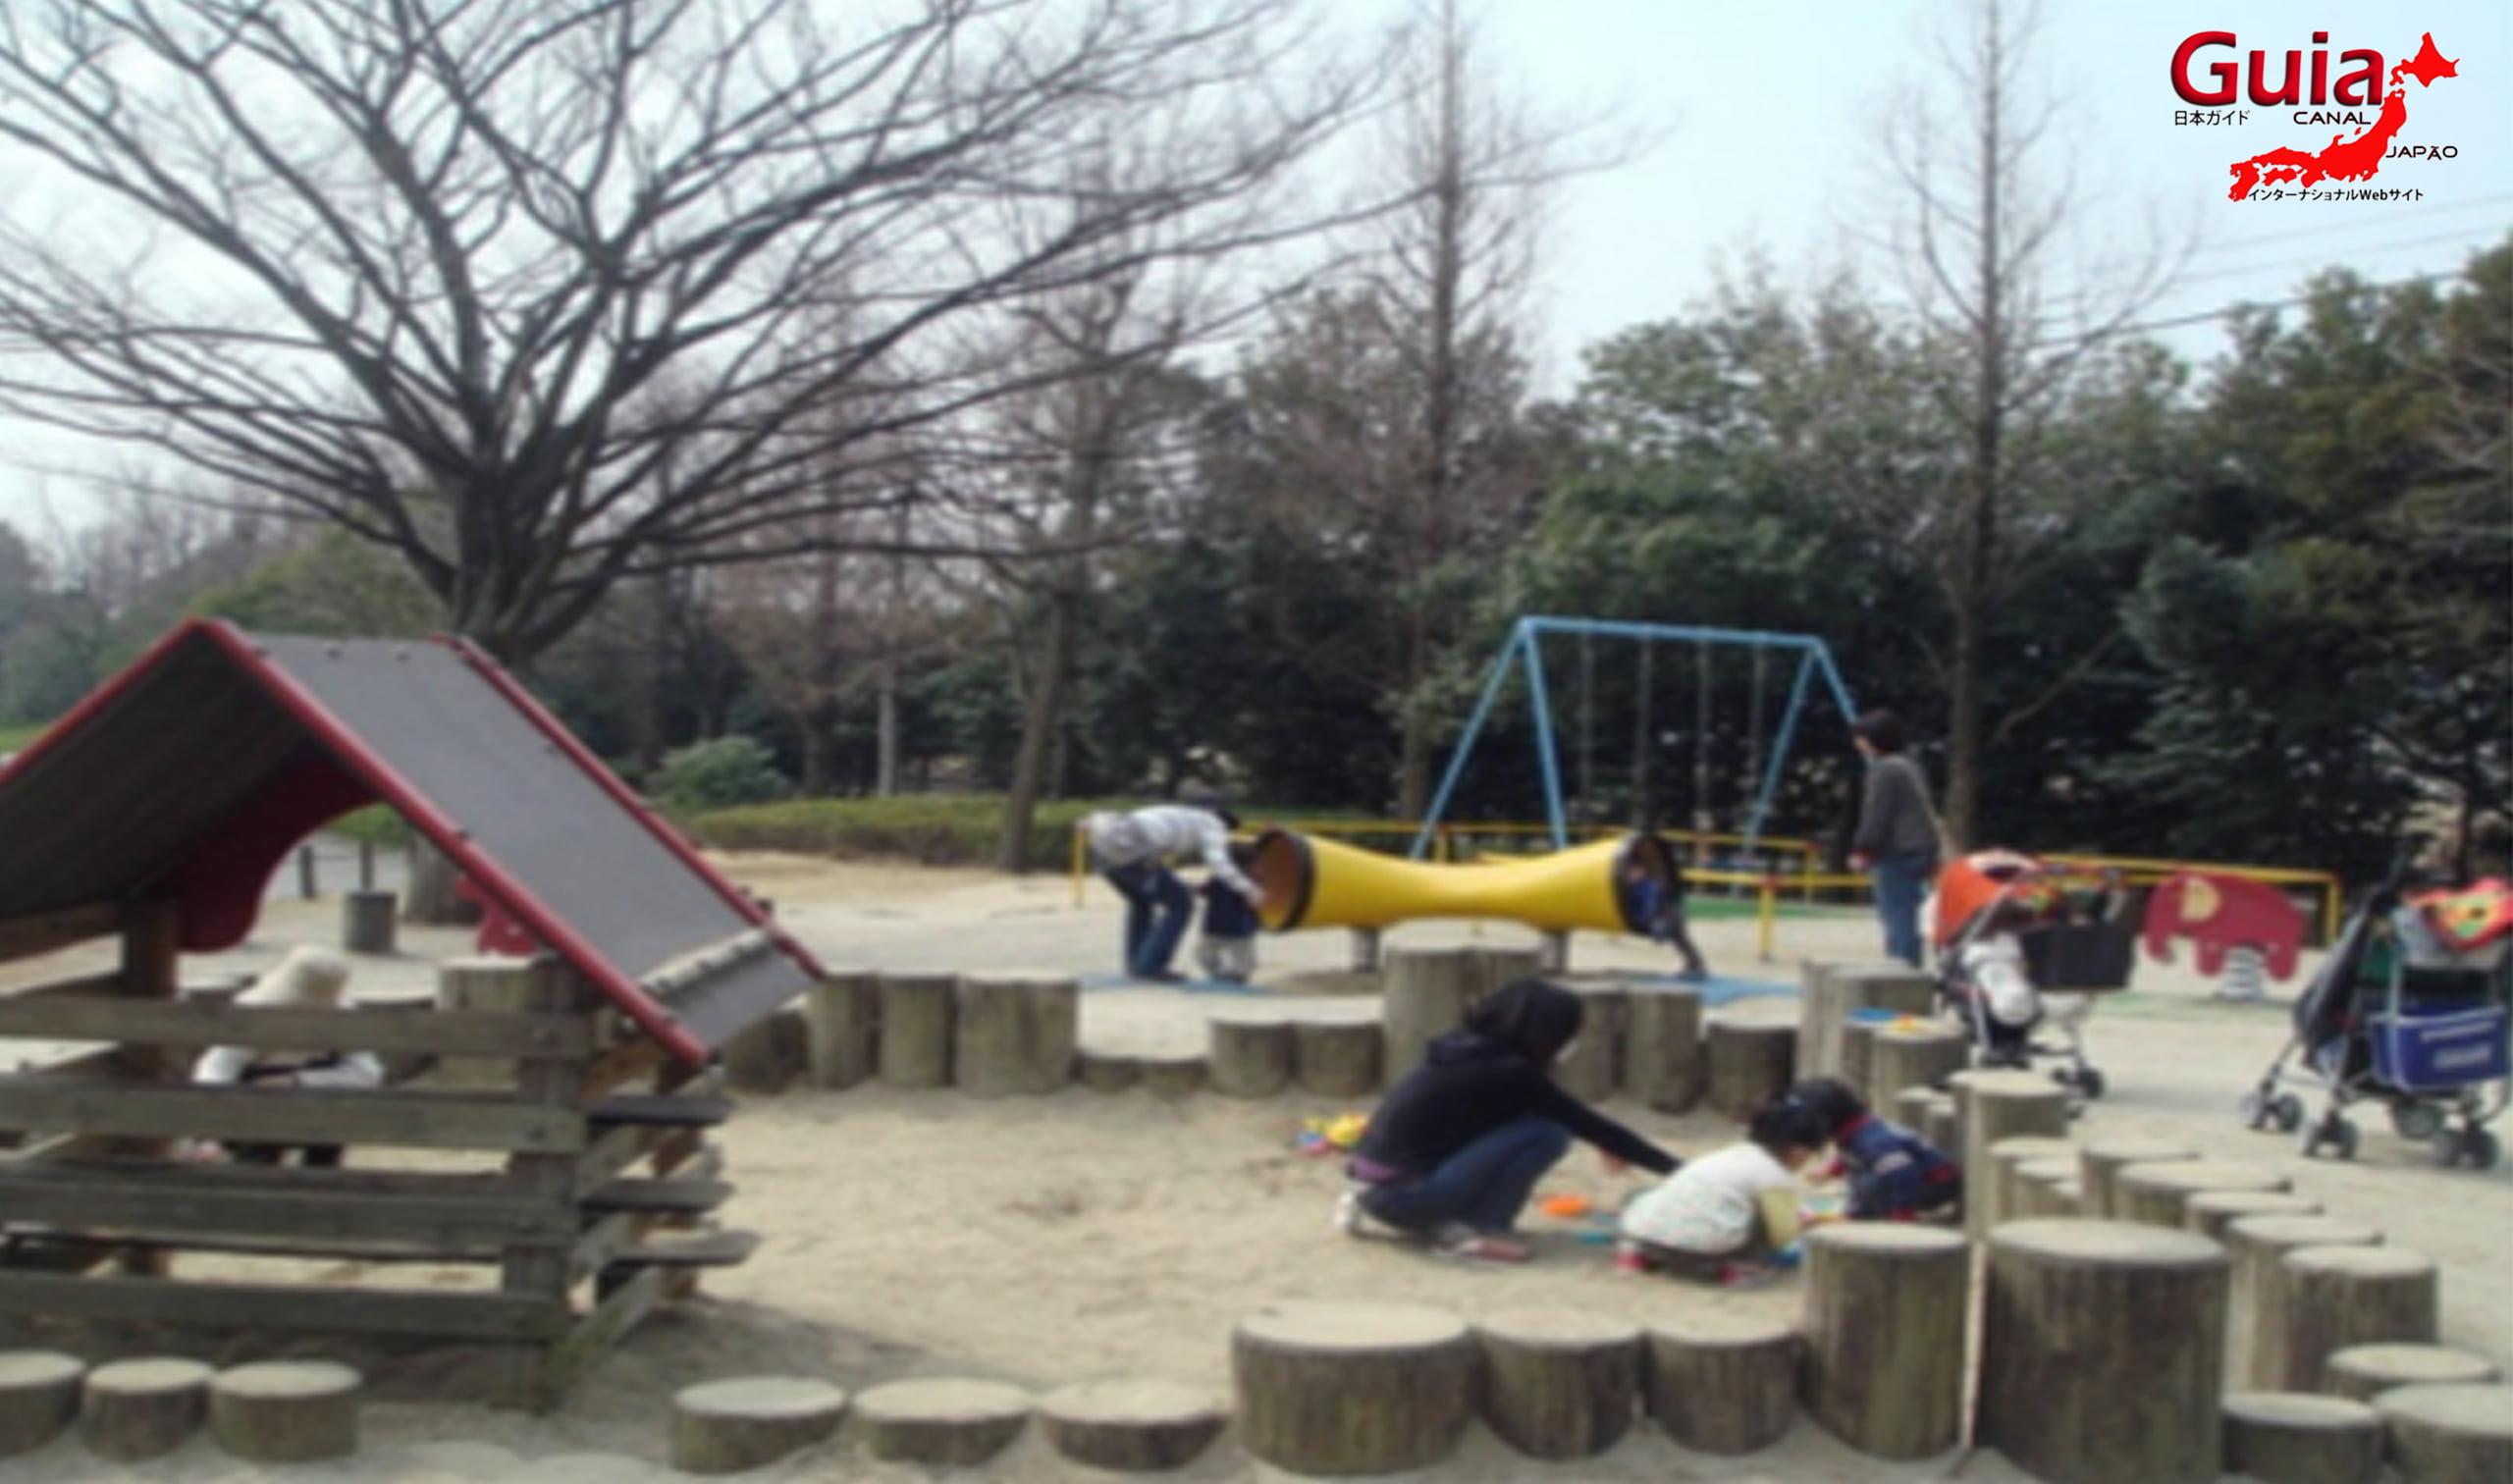 Parque Horiuchi - Anjo 24